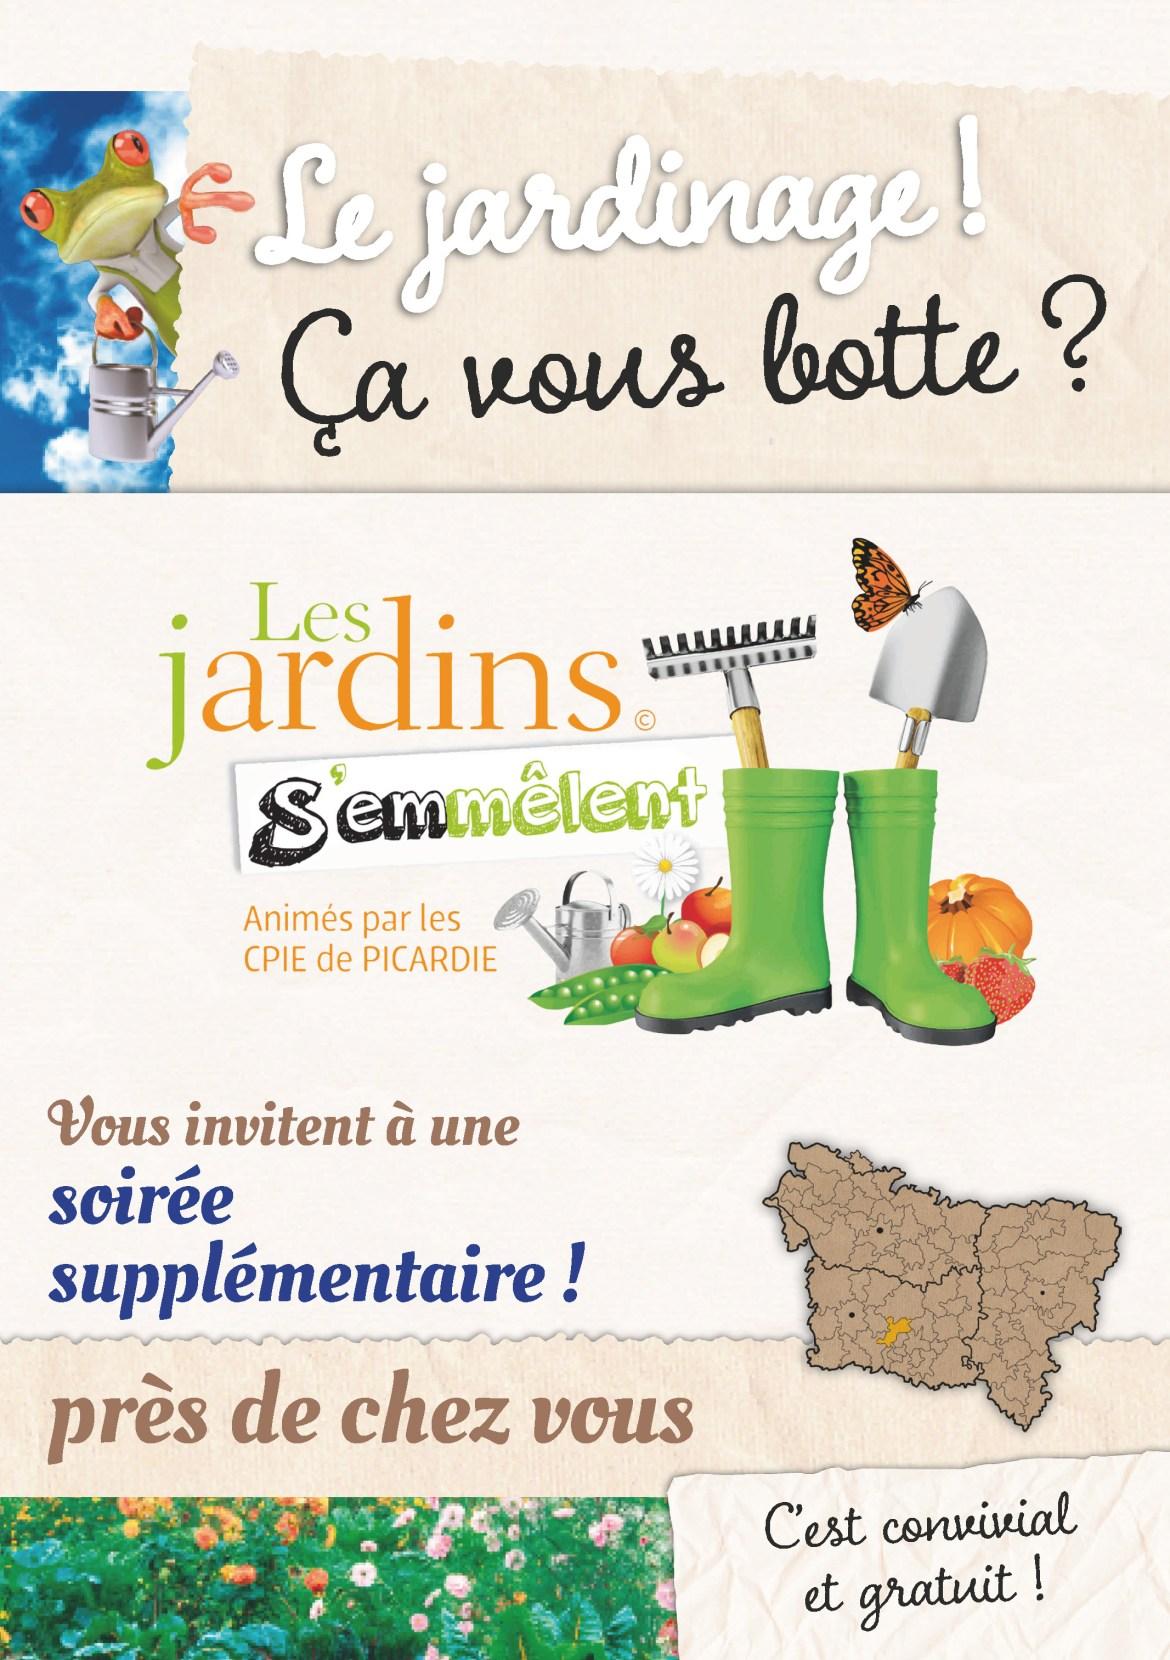 """Le jardinage ! Ça vous botte ? soirée """"Les Jardins s'emmêlent"""", mercredi 09 novembre 2016"""